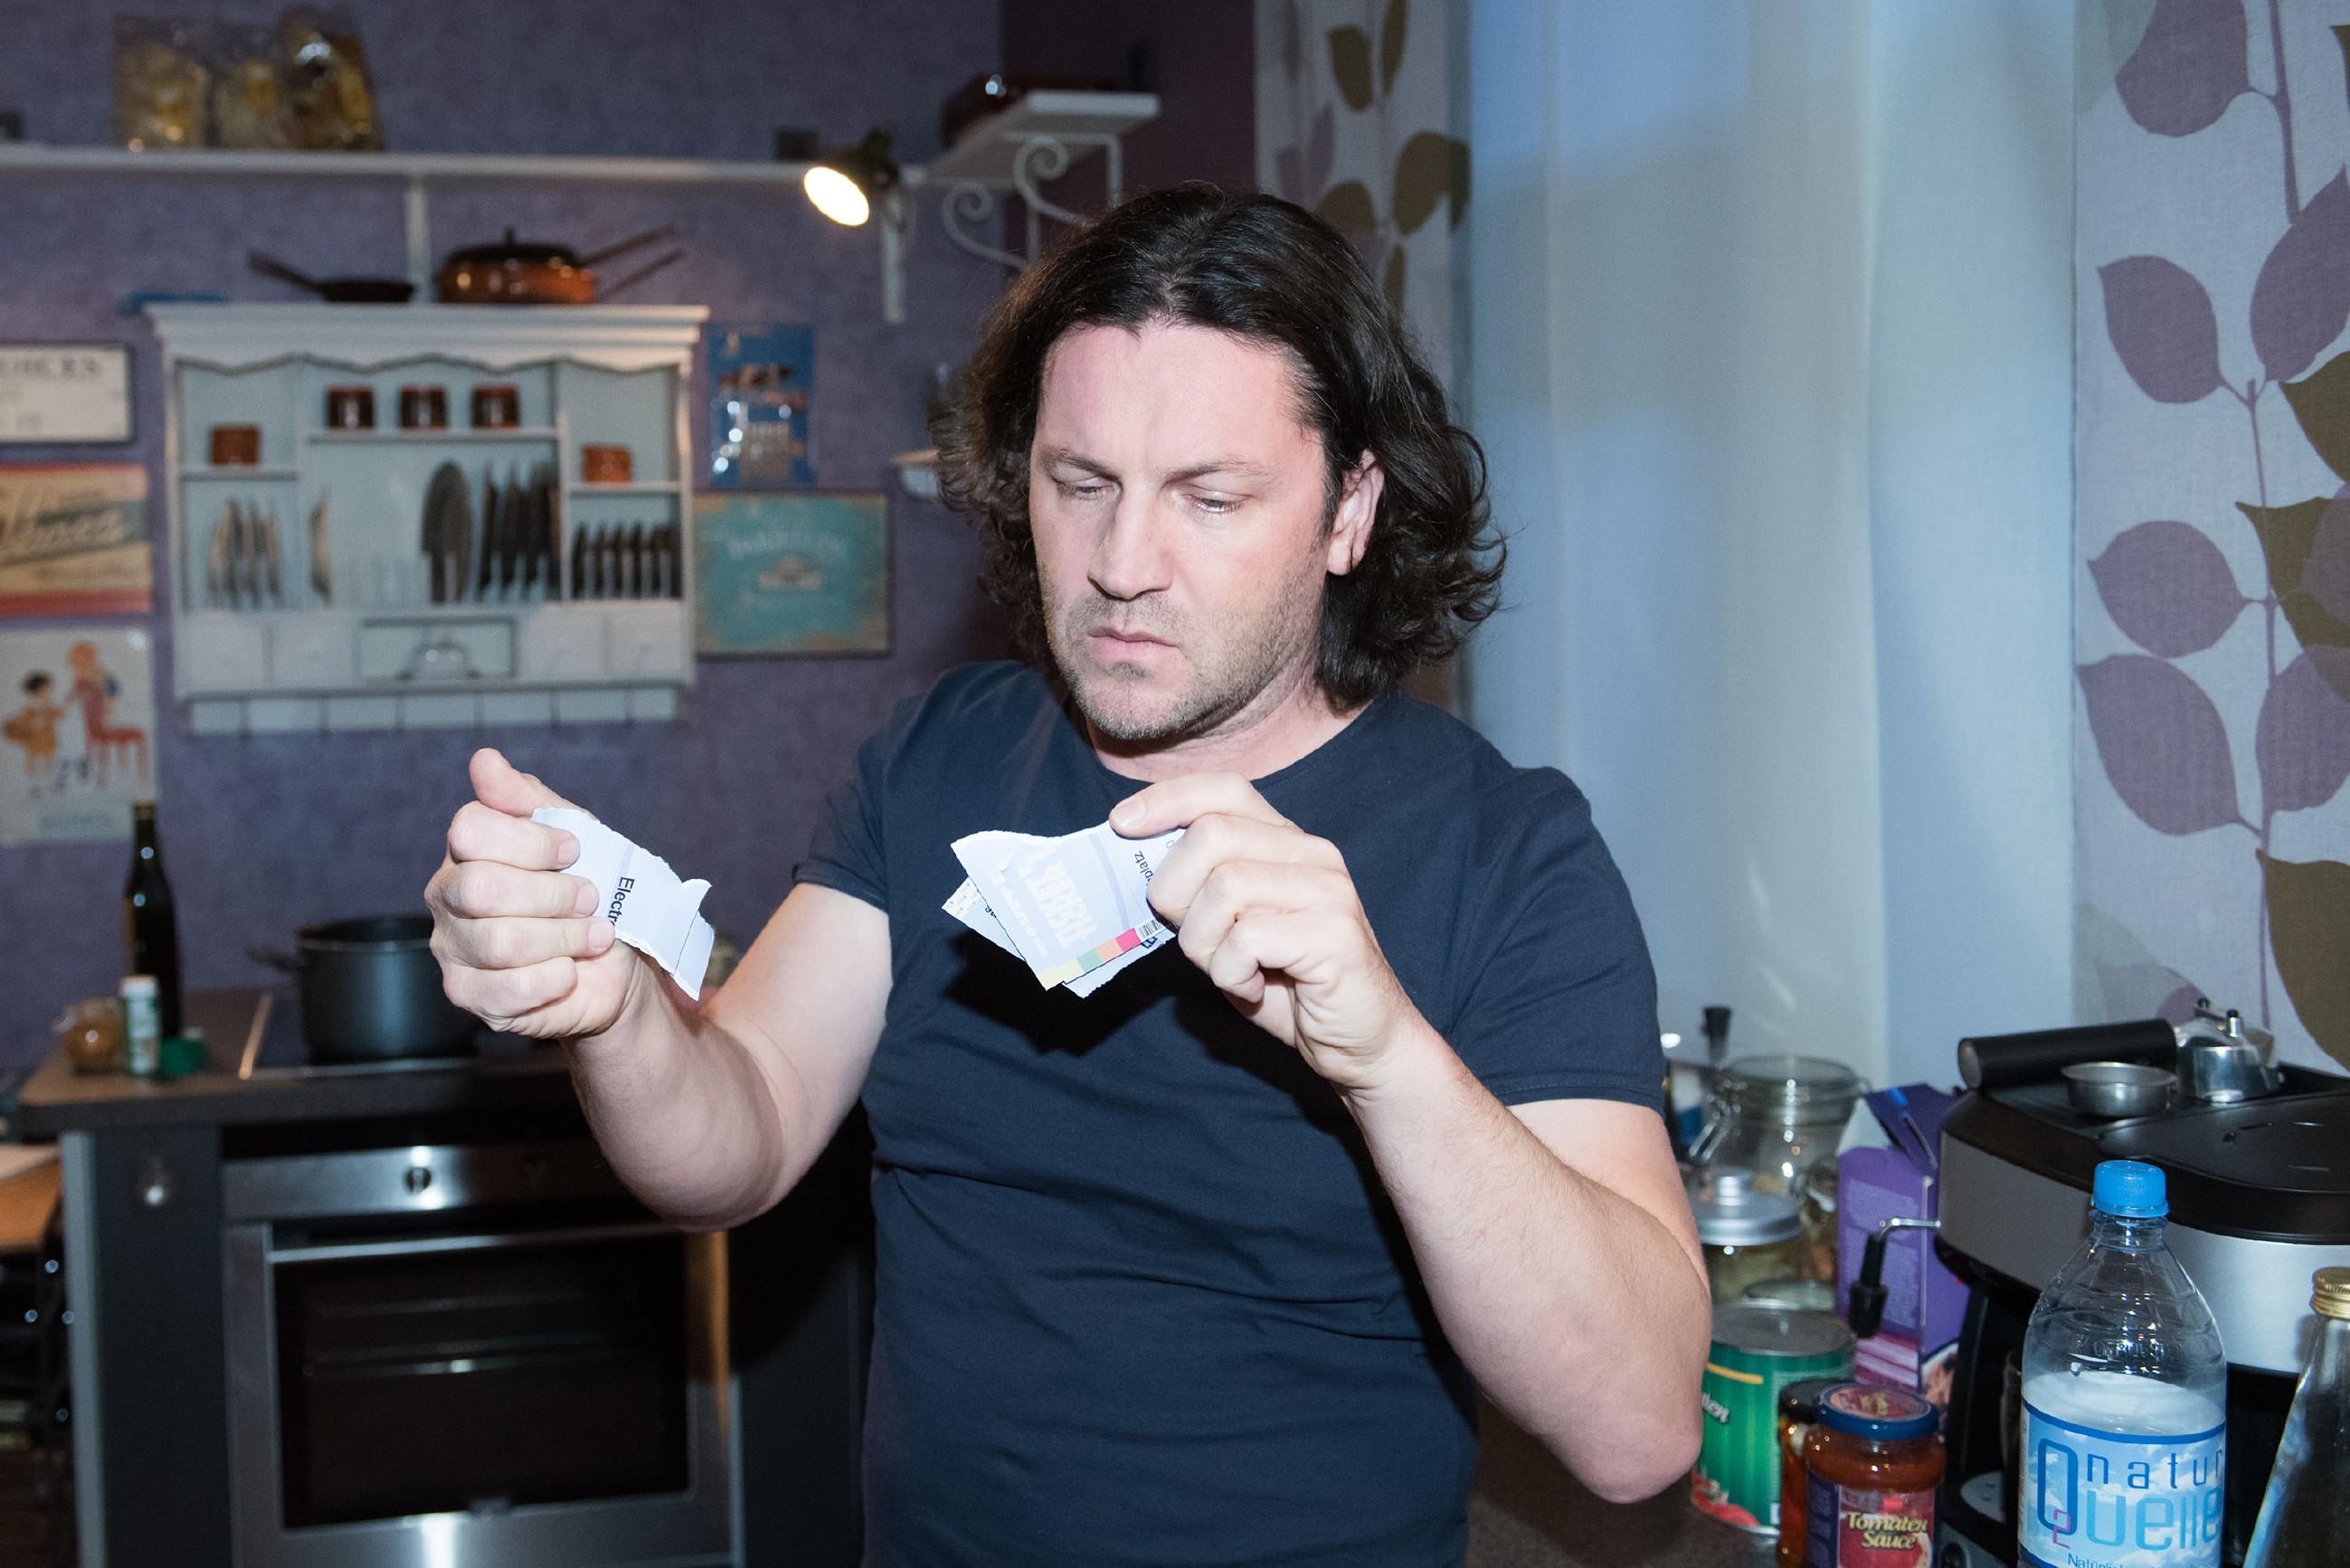 In seiner Enttäuschung zerreißt Rolf (Stefan Franz) die teuren Tickets für das angesagte DJ-Club-Event, mit dem er Fiona überraschen wollte. (Quelle: RTL / Stefan Behrens)